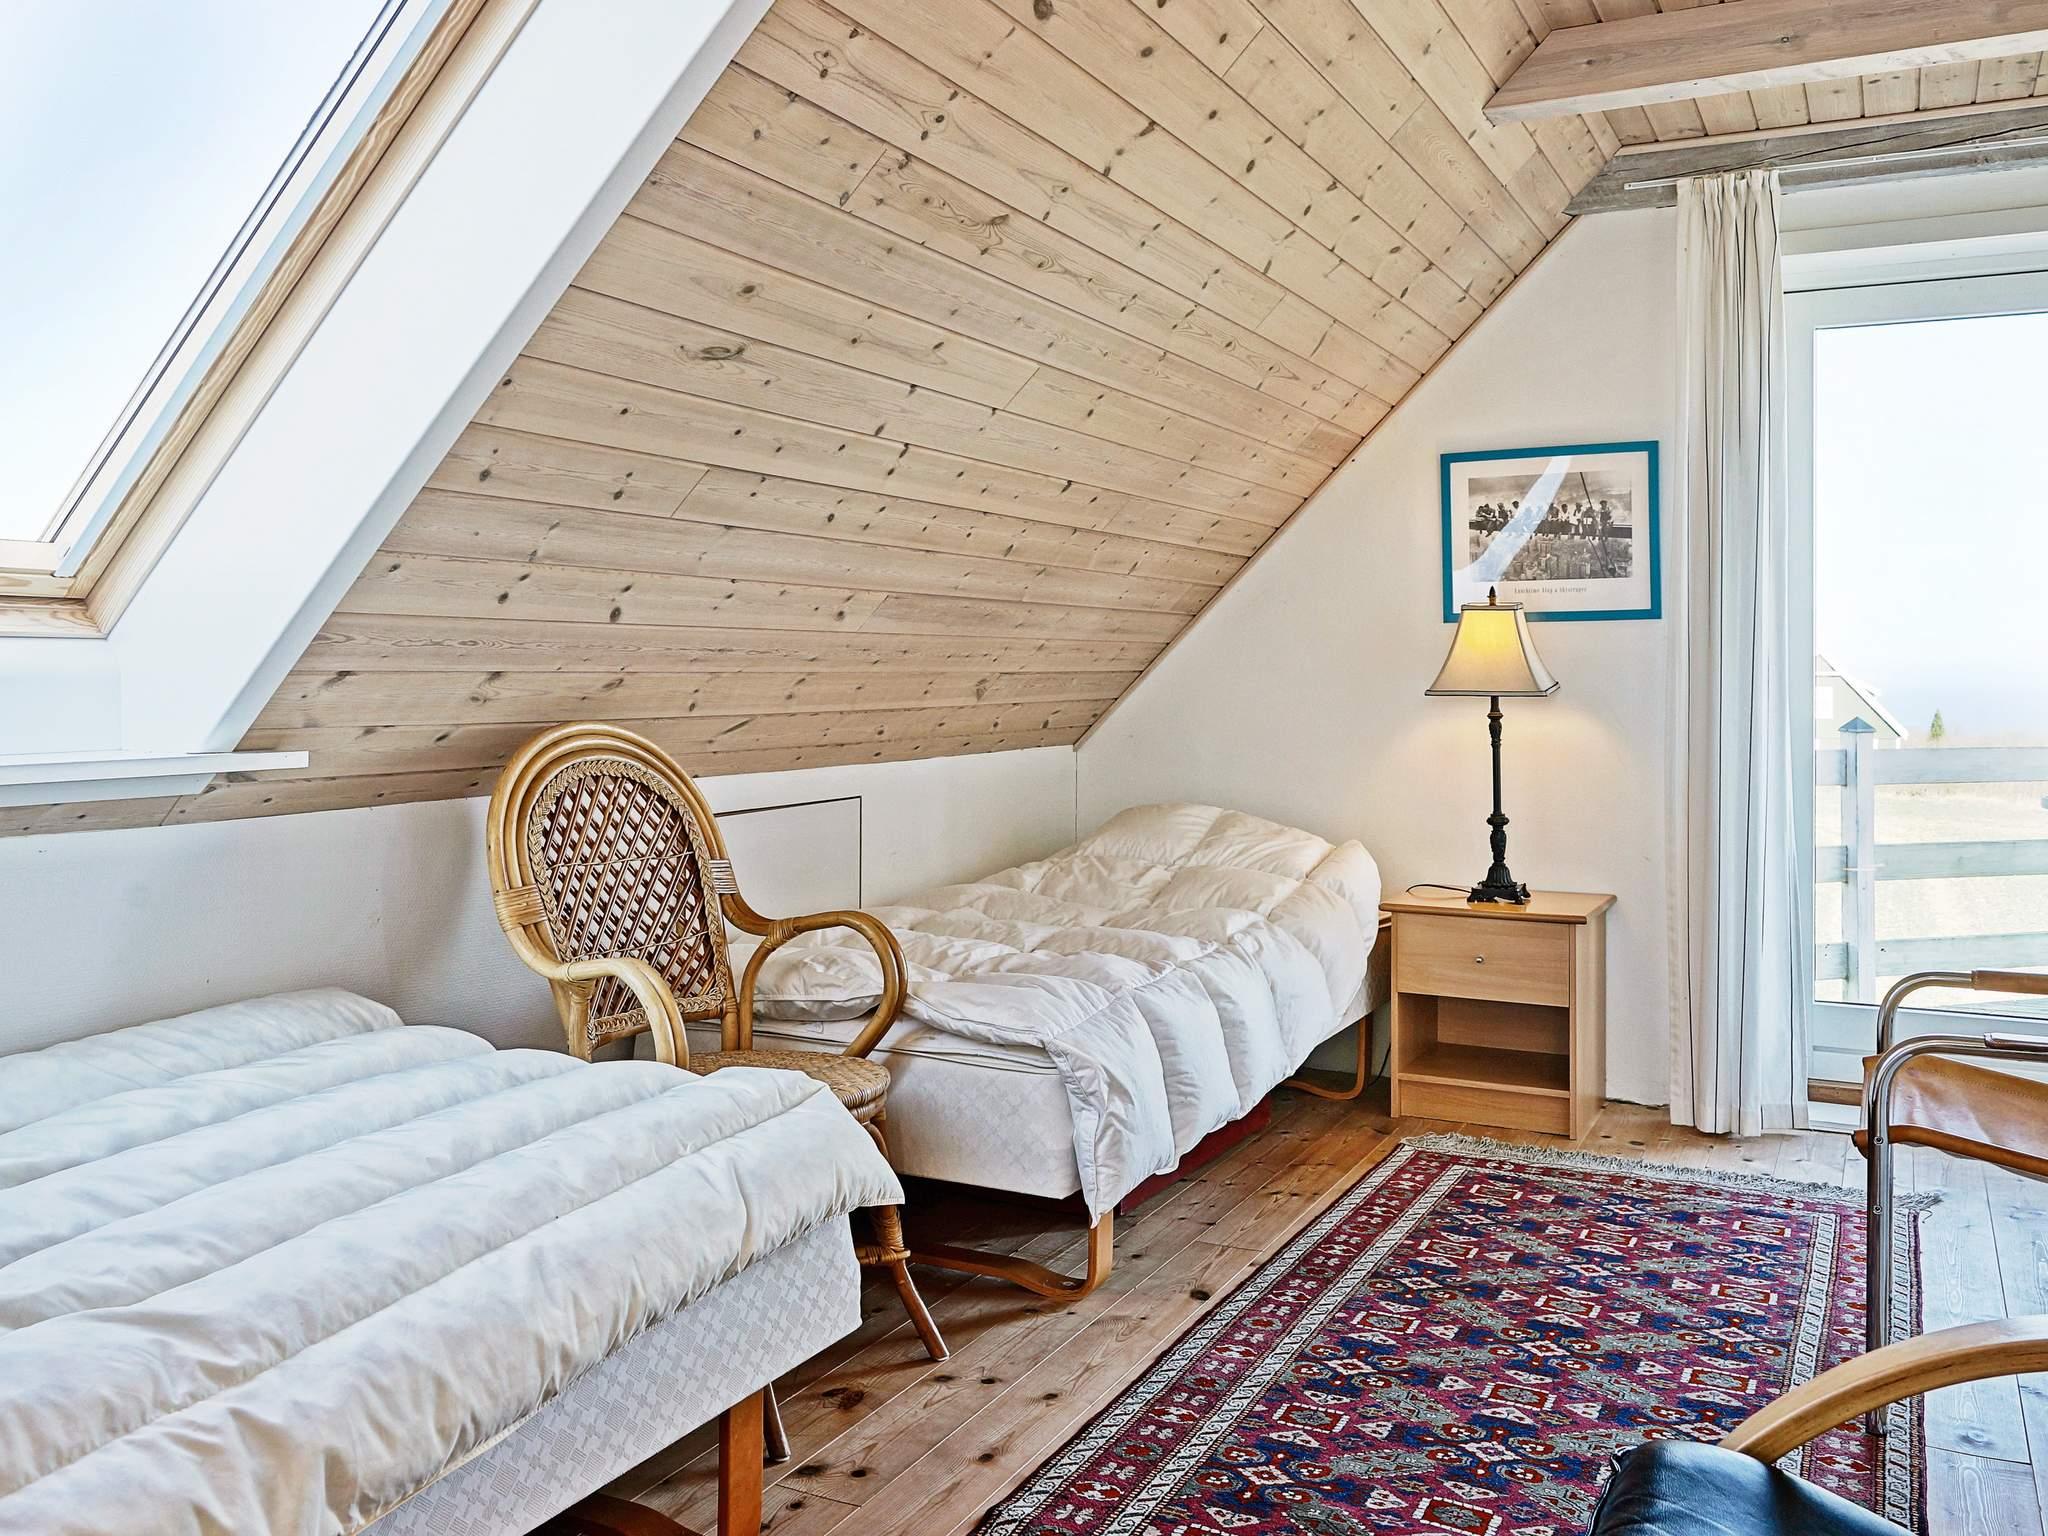 Ferienhaus Rø/Gudhjem (222105), Gudhjem, , Bornholm, Dänemark, Bild 11